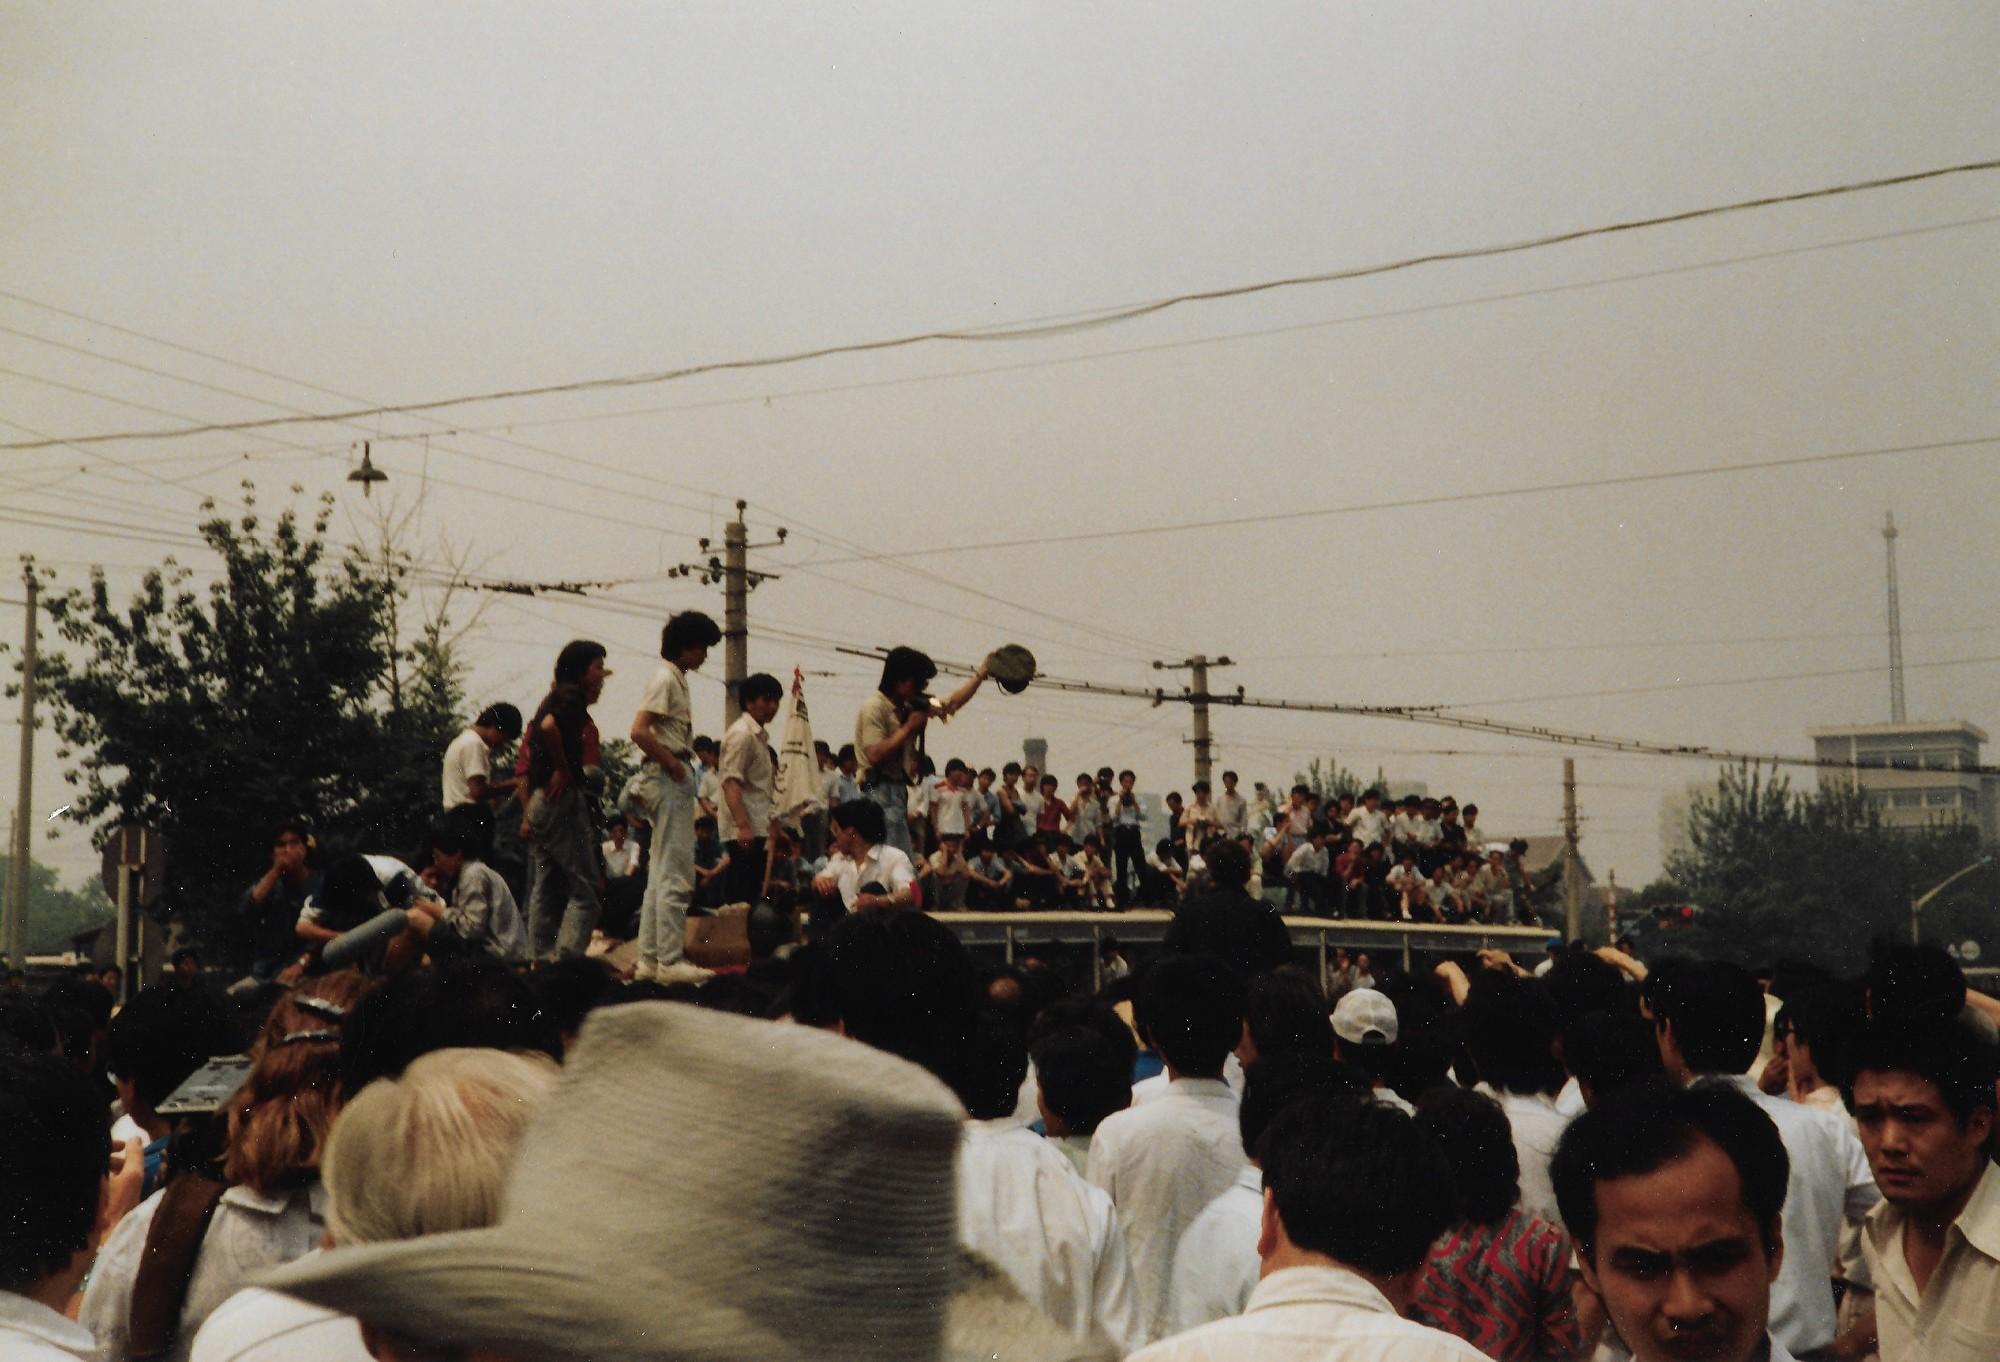 1989年6月3日上午,北京市木樨地路口。(王珍提供)